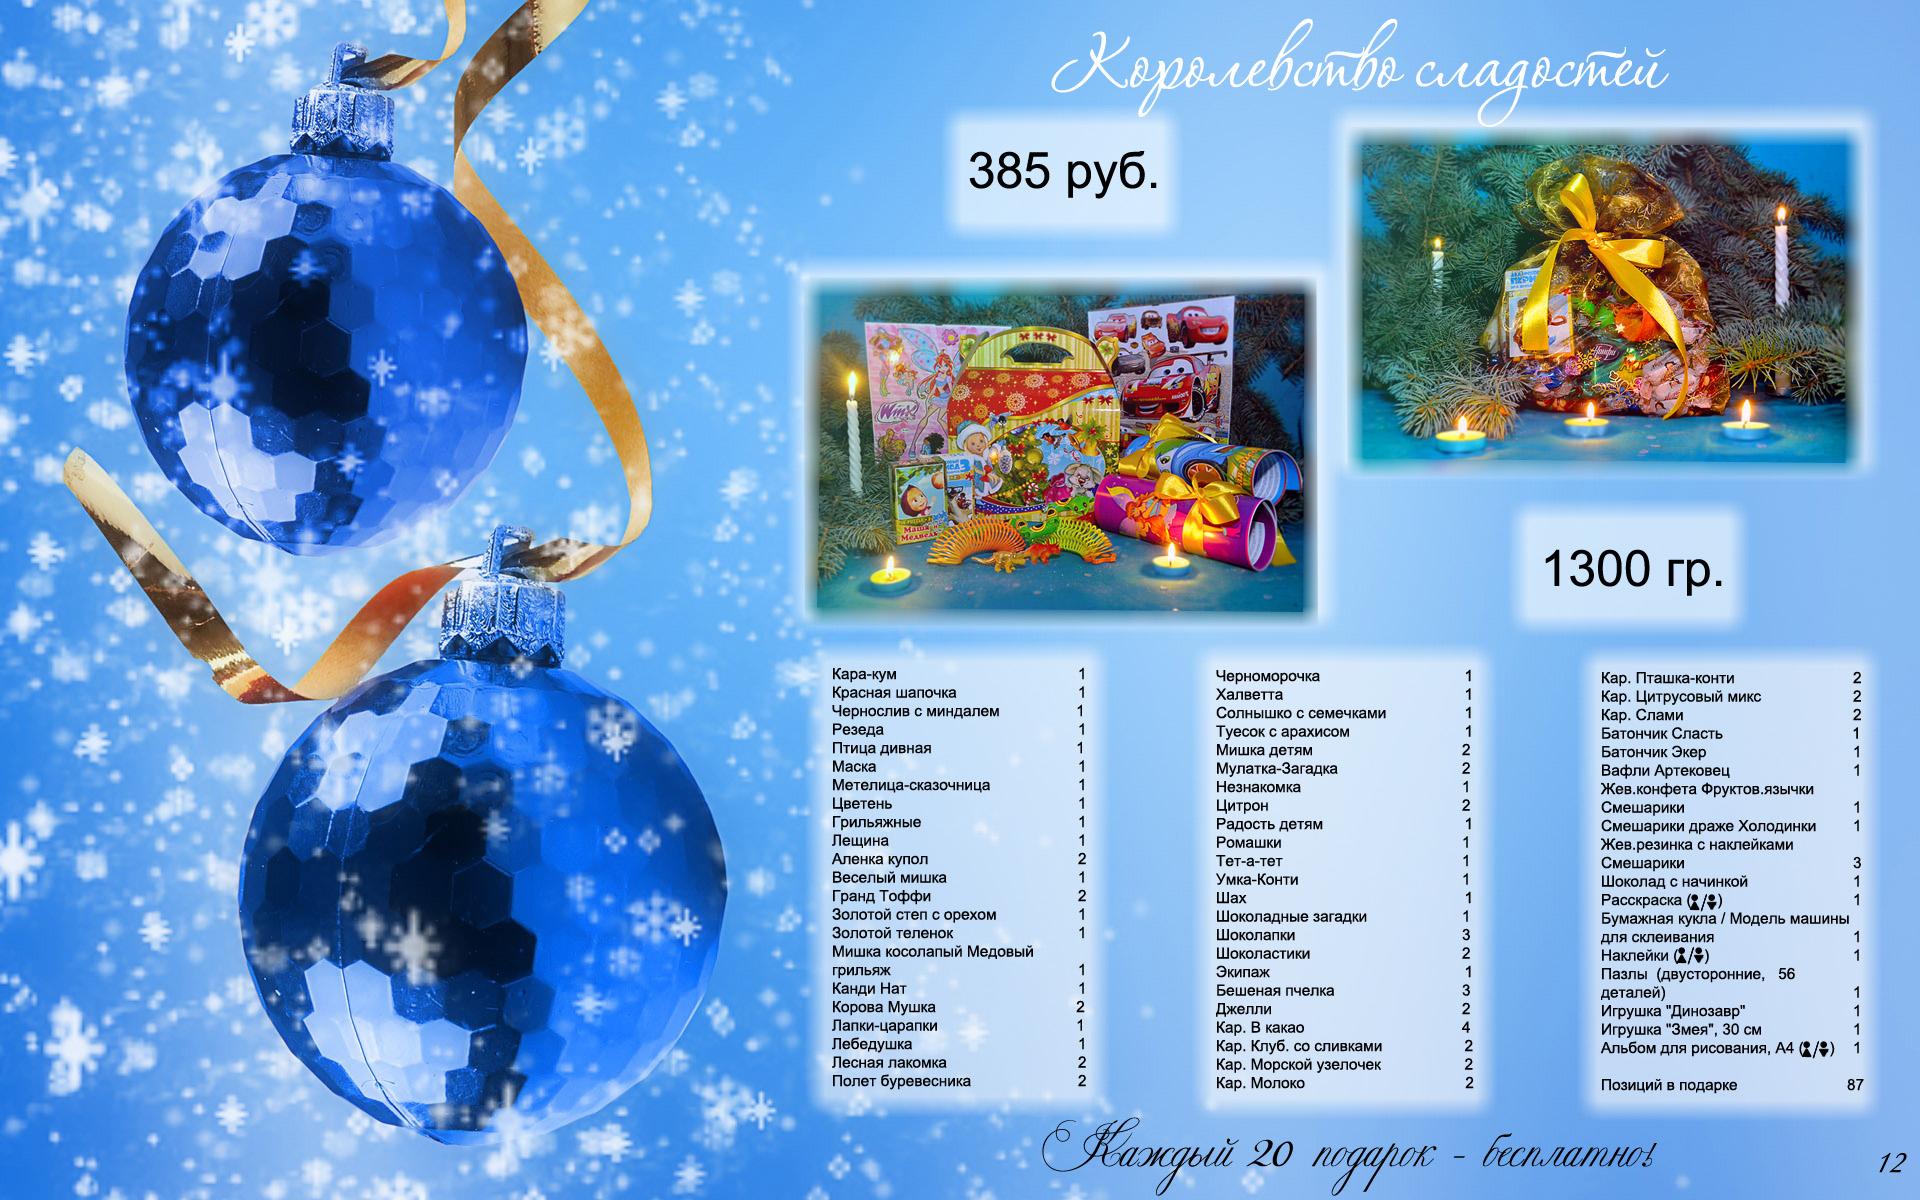 Купить стеклянный шар со снегом в екатеринбурге